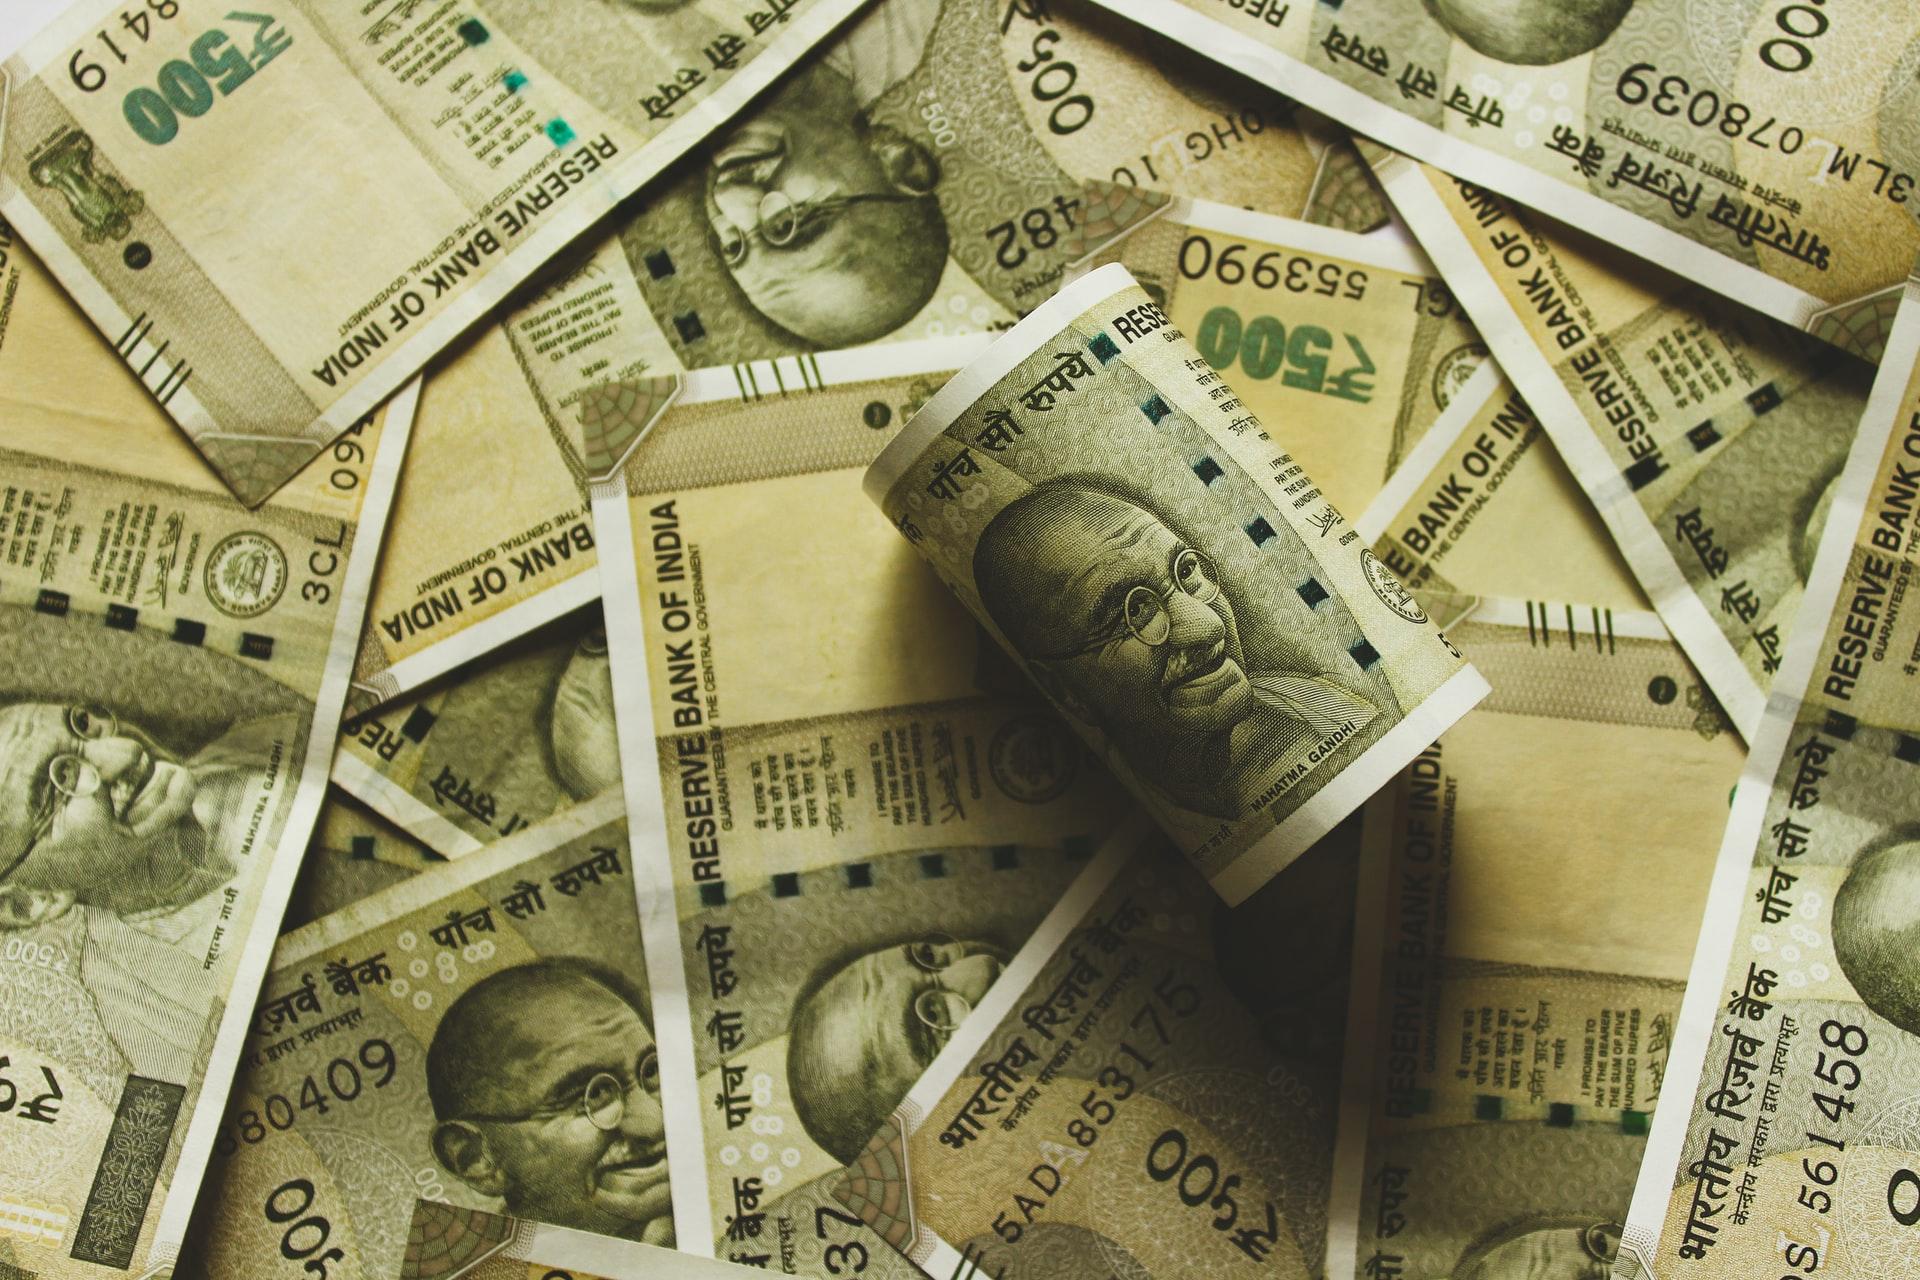 Singapore's GIC raises stake in Bandhan Bank to 4.49%